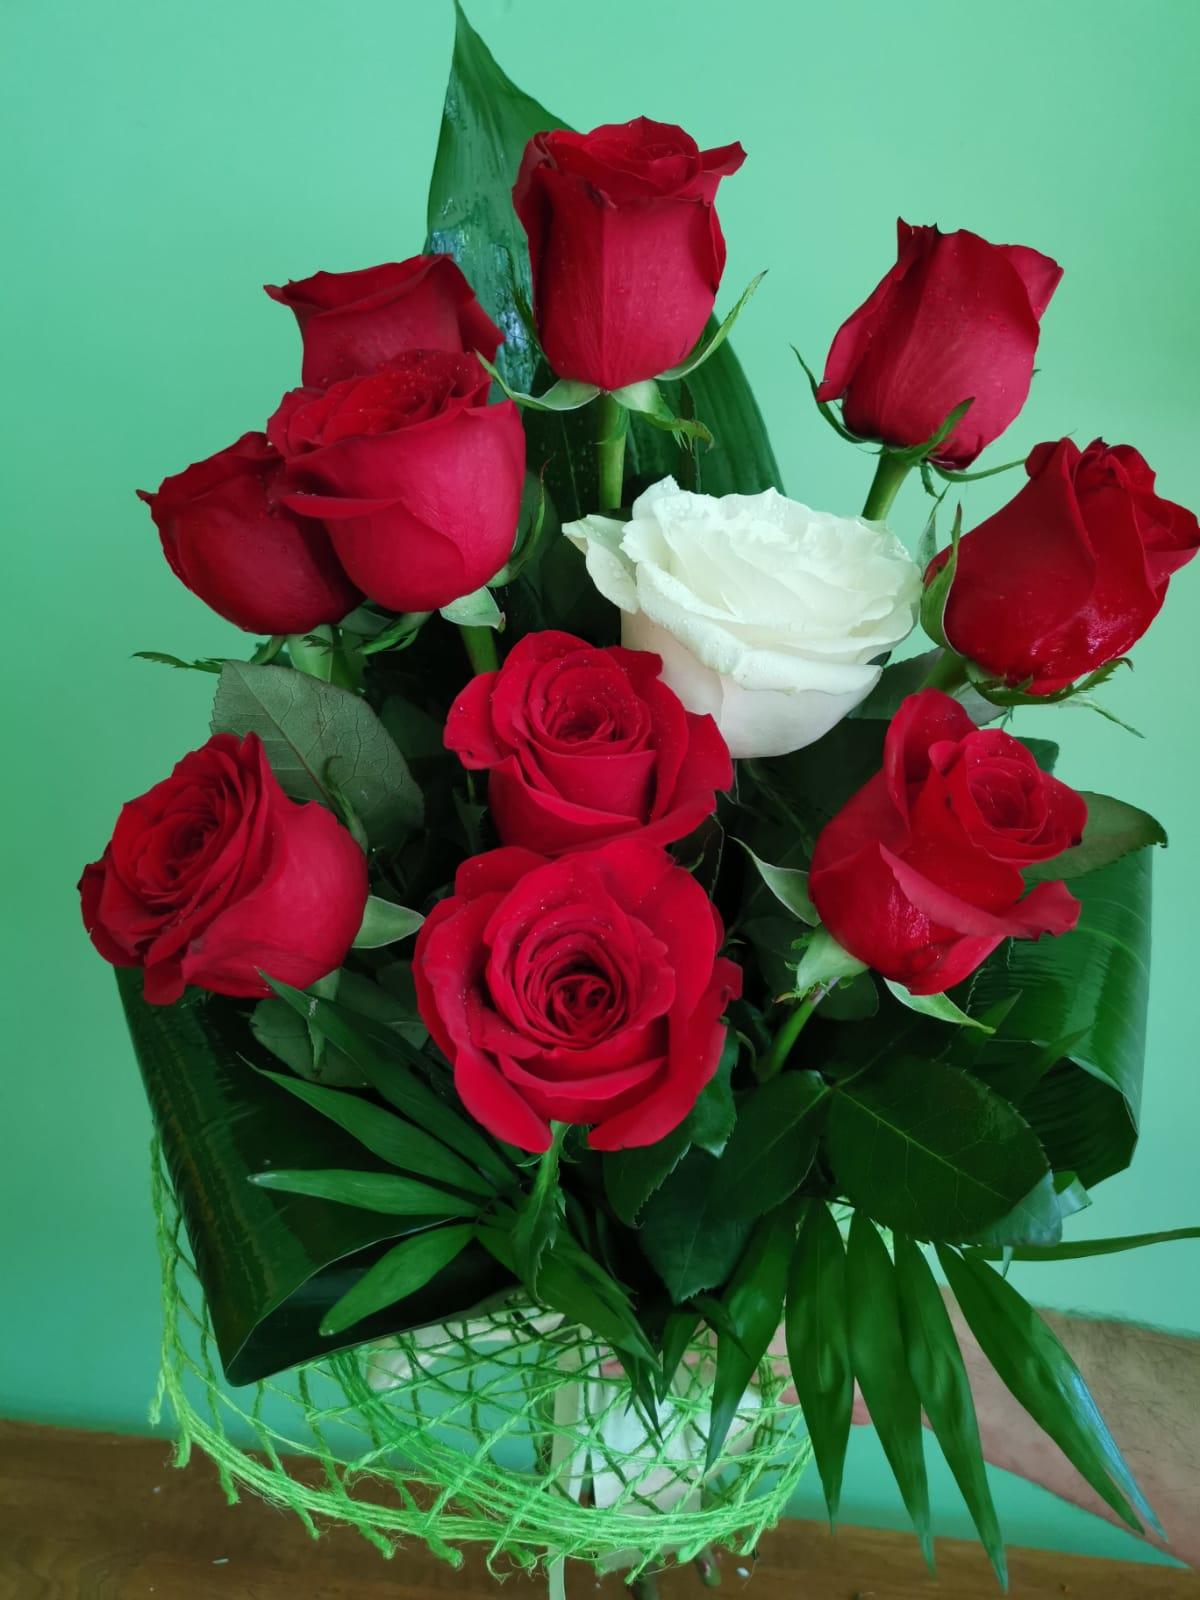 Buchet 11 trandafiri 95 lei